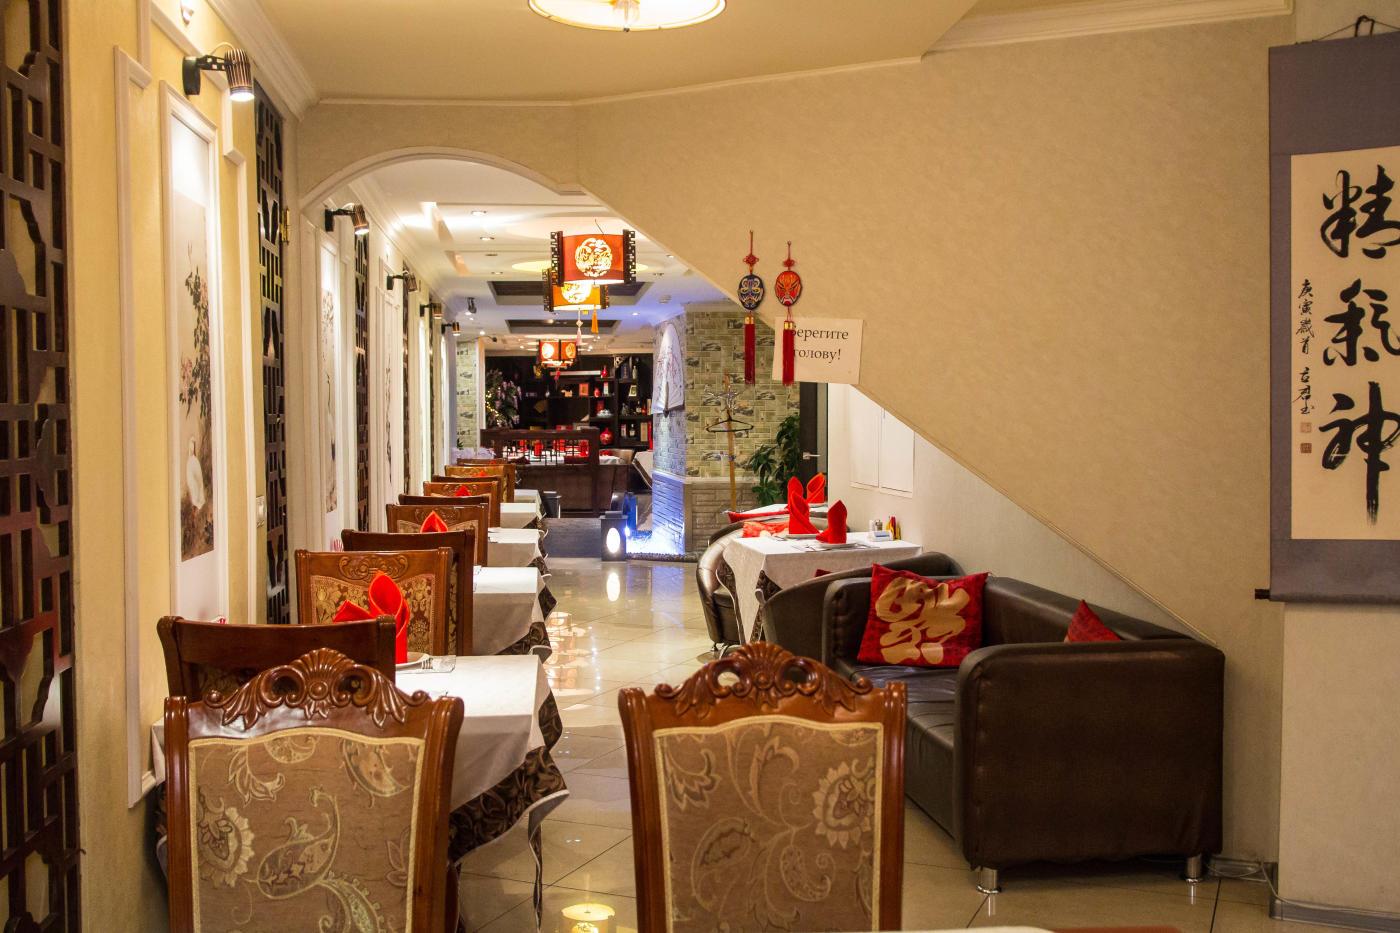 Китайский Ресторан Харбин (Большая Якиманка / Октябрьская) фото 3